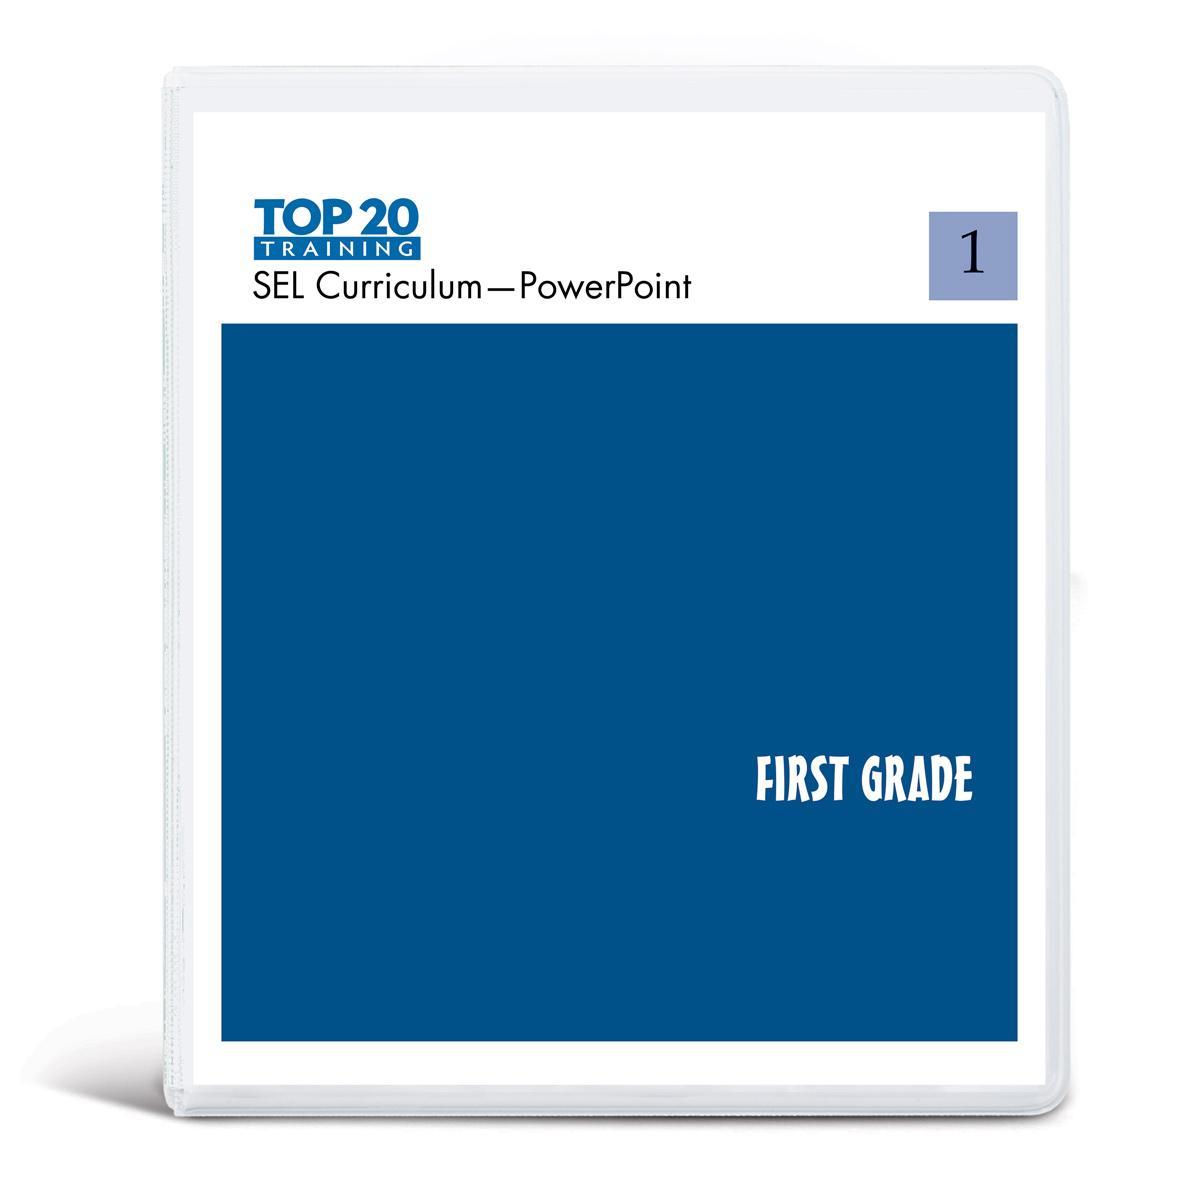 Top 20 teachers PowerPoint curriculum for first grade